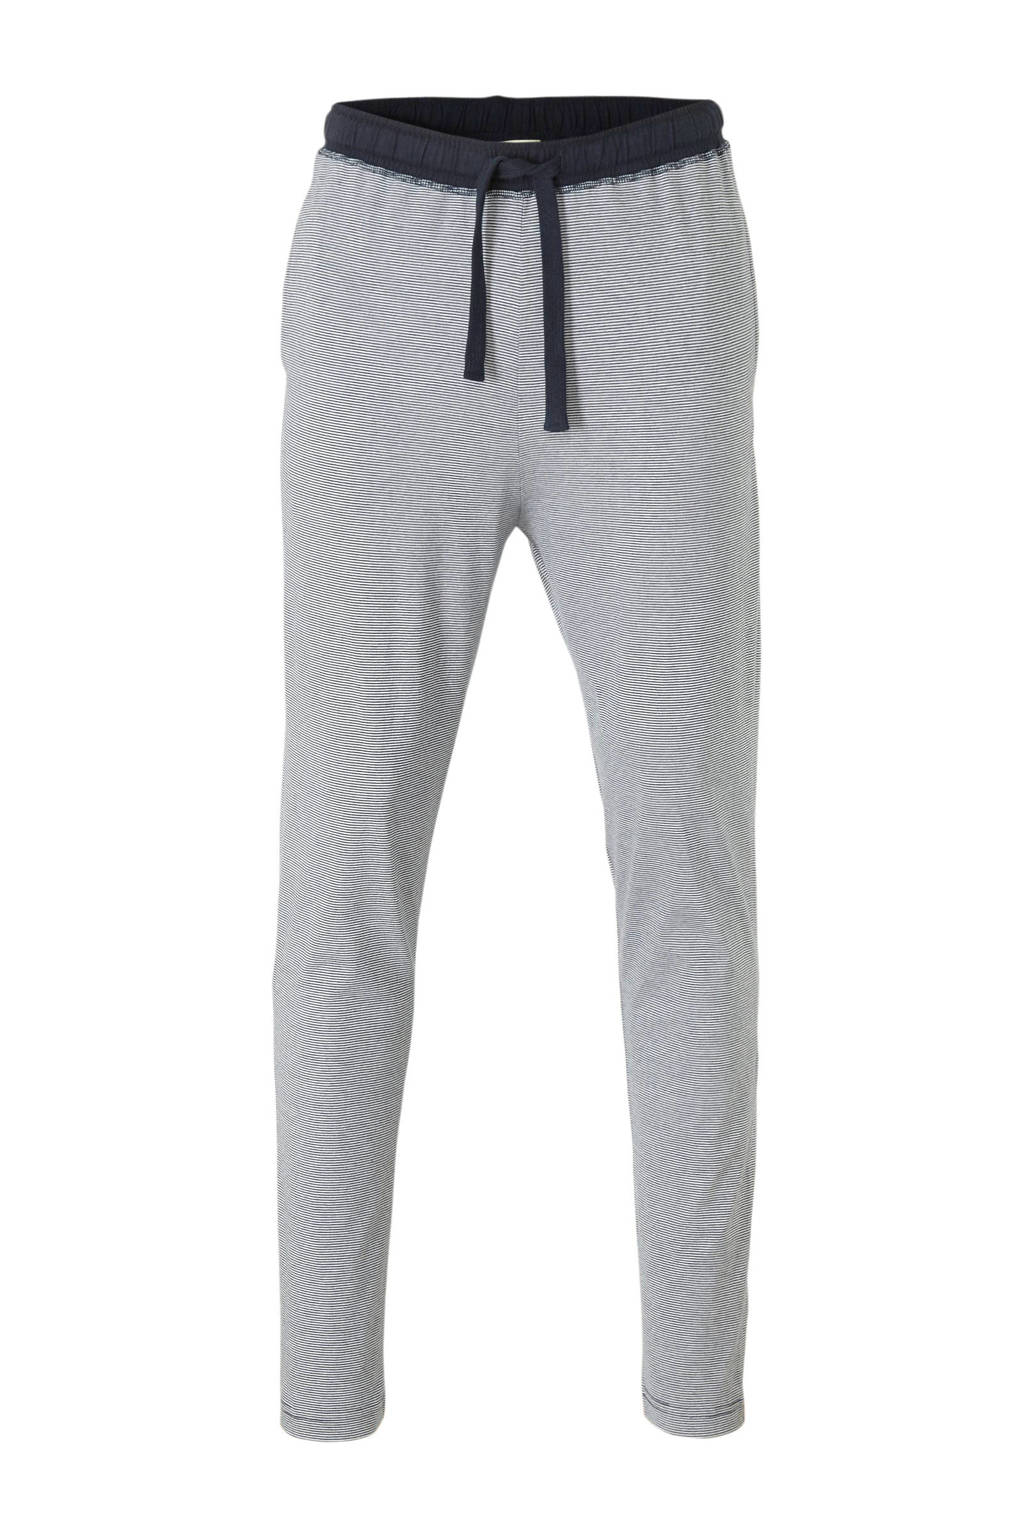 Tom Tailor gestreepte pyjamabroek marine/wit, Marine/wit